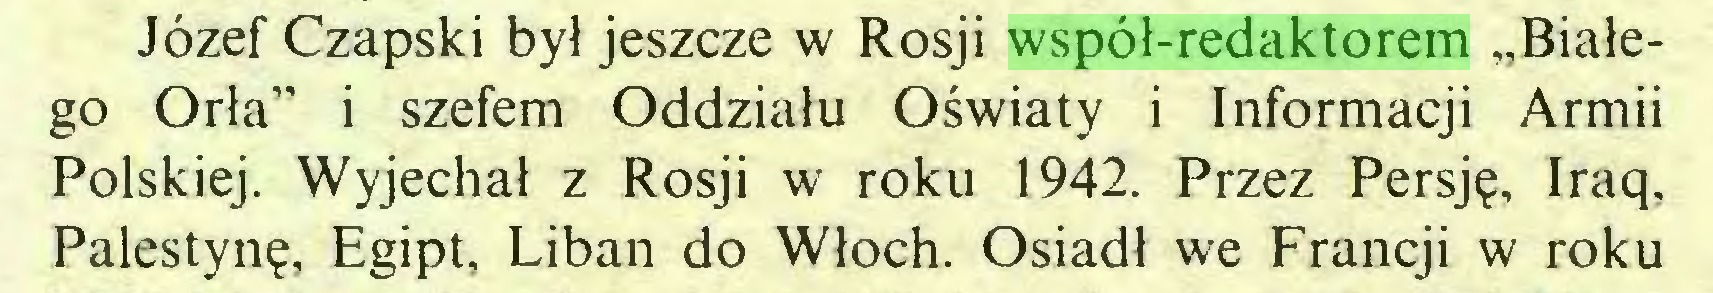 """(...) Józef Czapski był jeszcze w Rosji współ-redaktorem """"Białego Orła"""" i szefem Oddziału Oświaty i Informacji Armii Polskiej. Wyjechał z Rosji w roku 1942. Przez Persję, Iraq, Palestynę, Egipt, Liban do Włoch. Osiadł we Francji w roku..."""